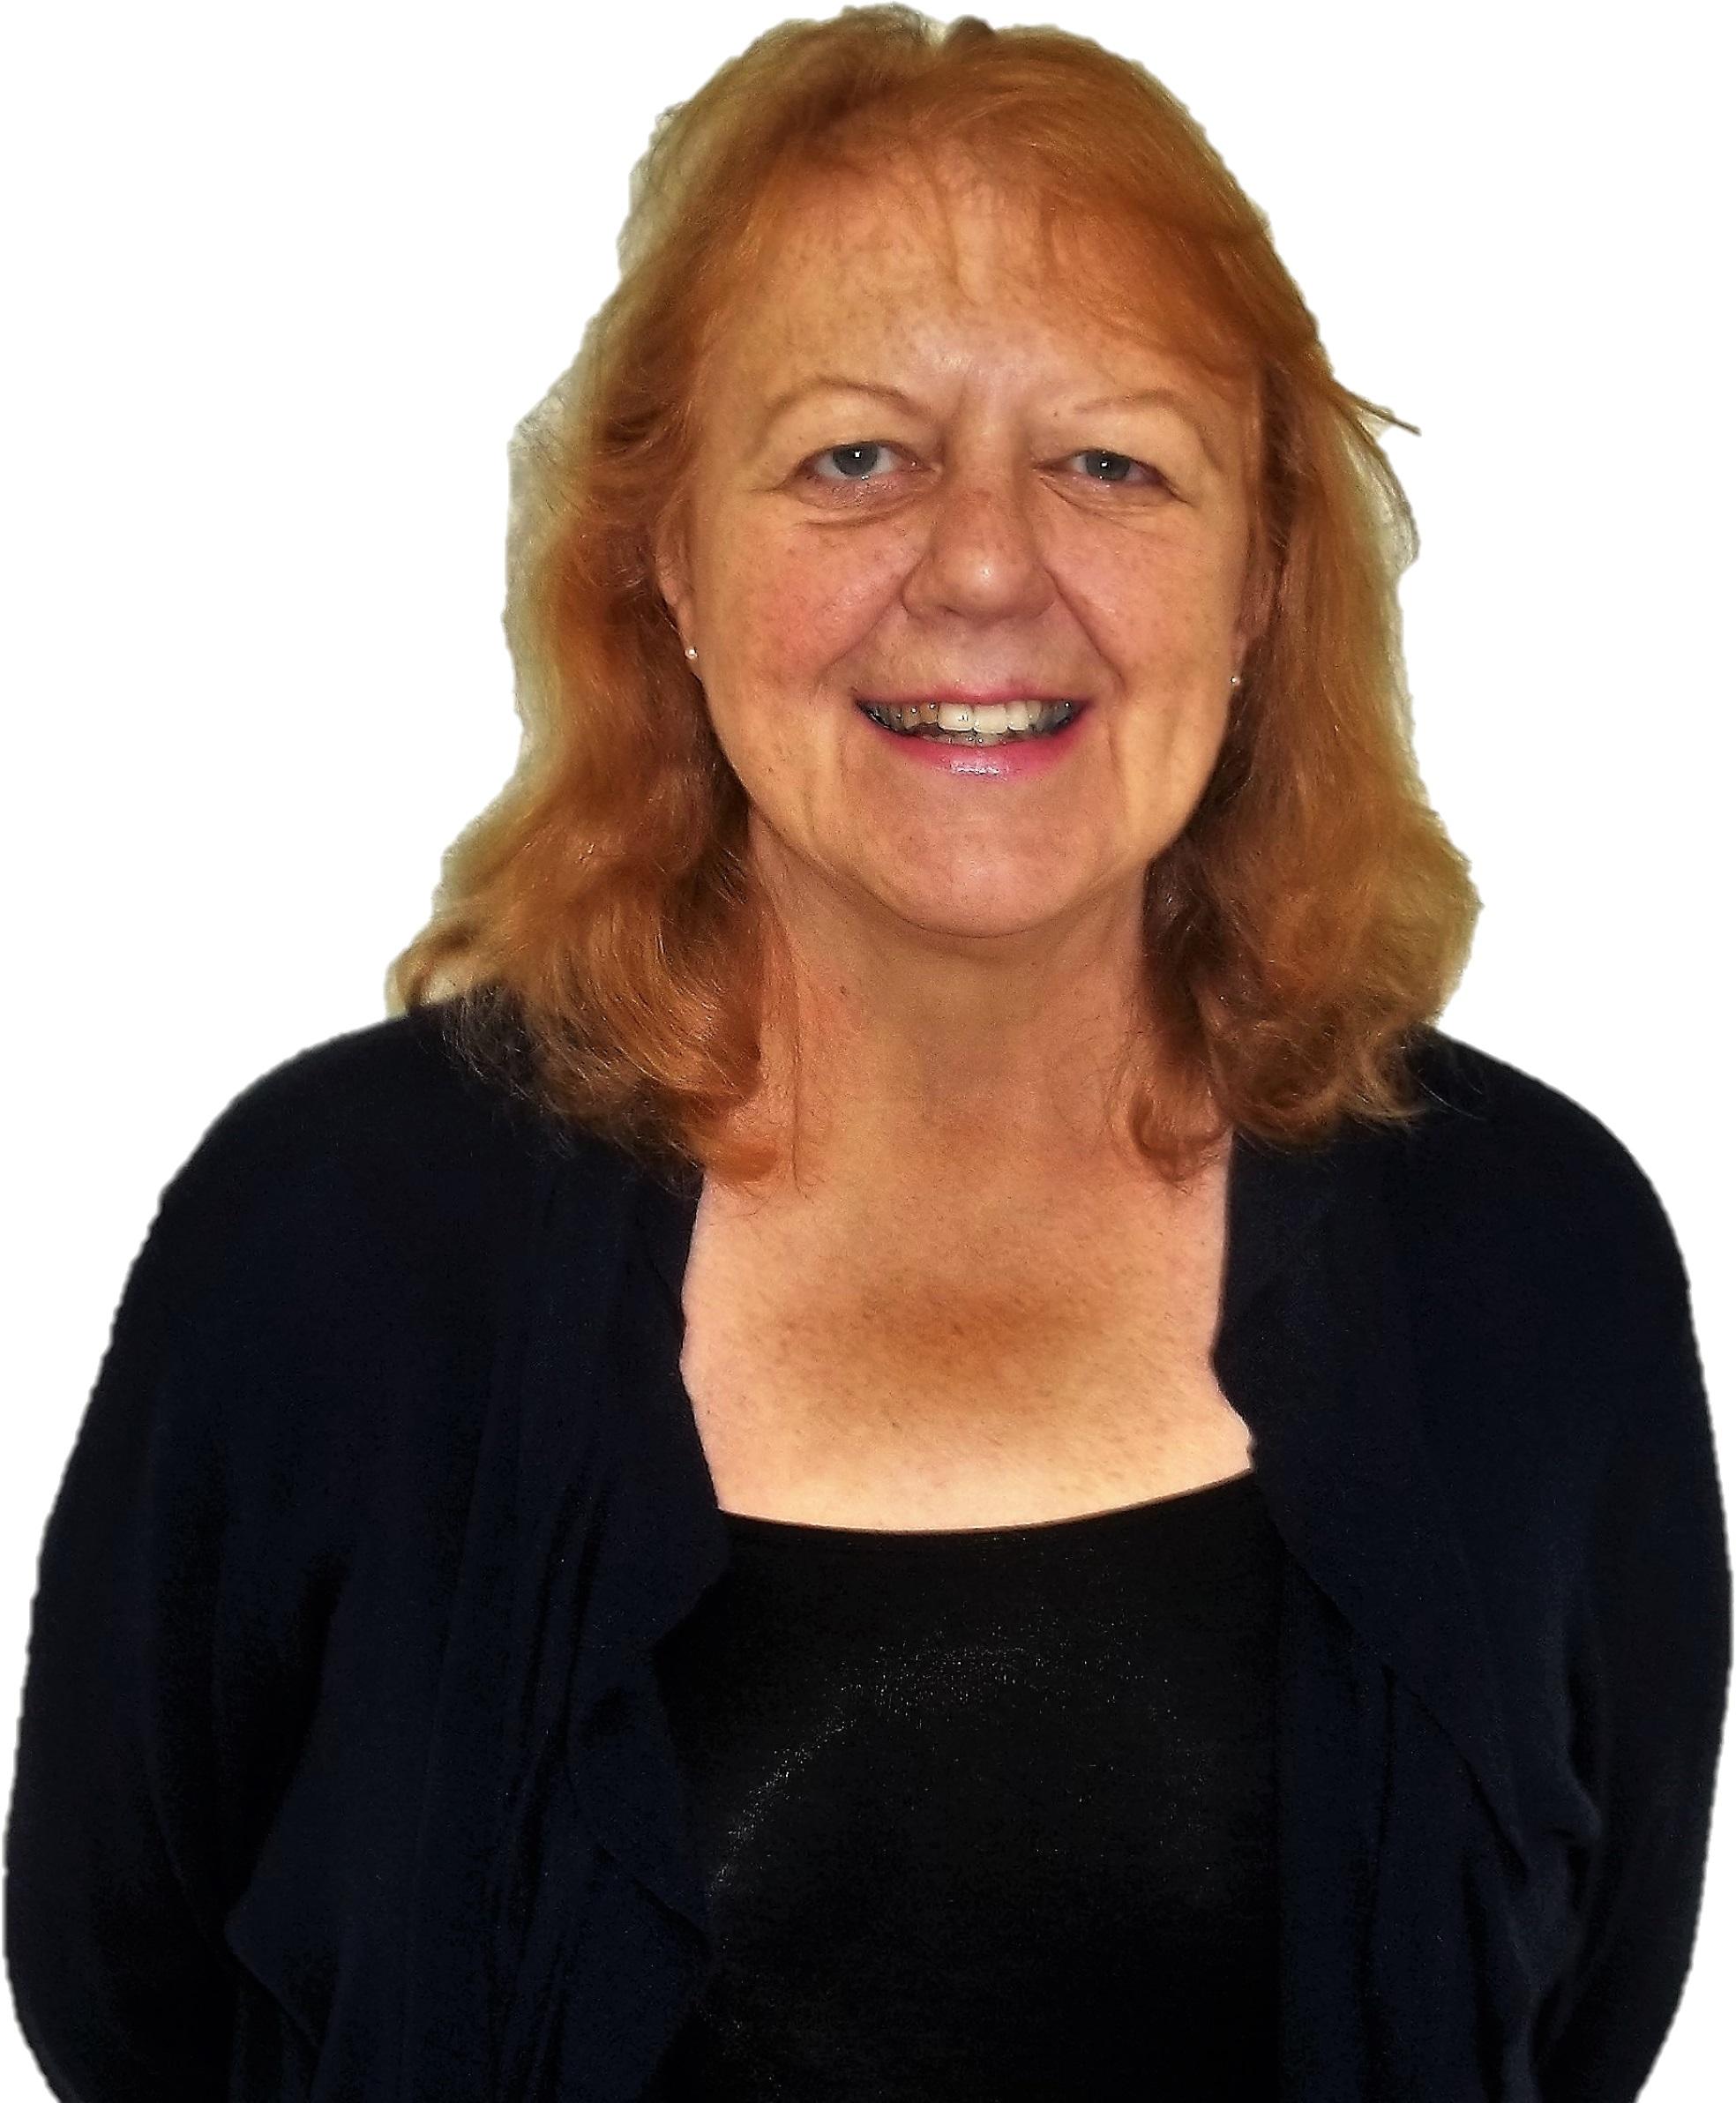 Susan Shultz